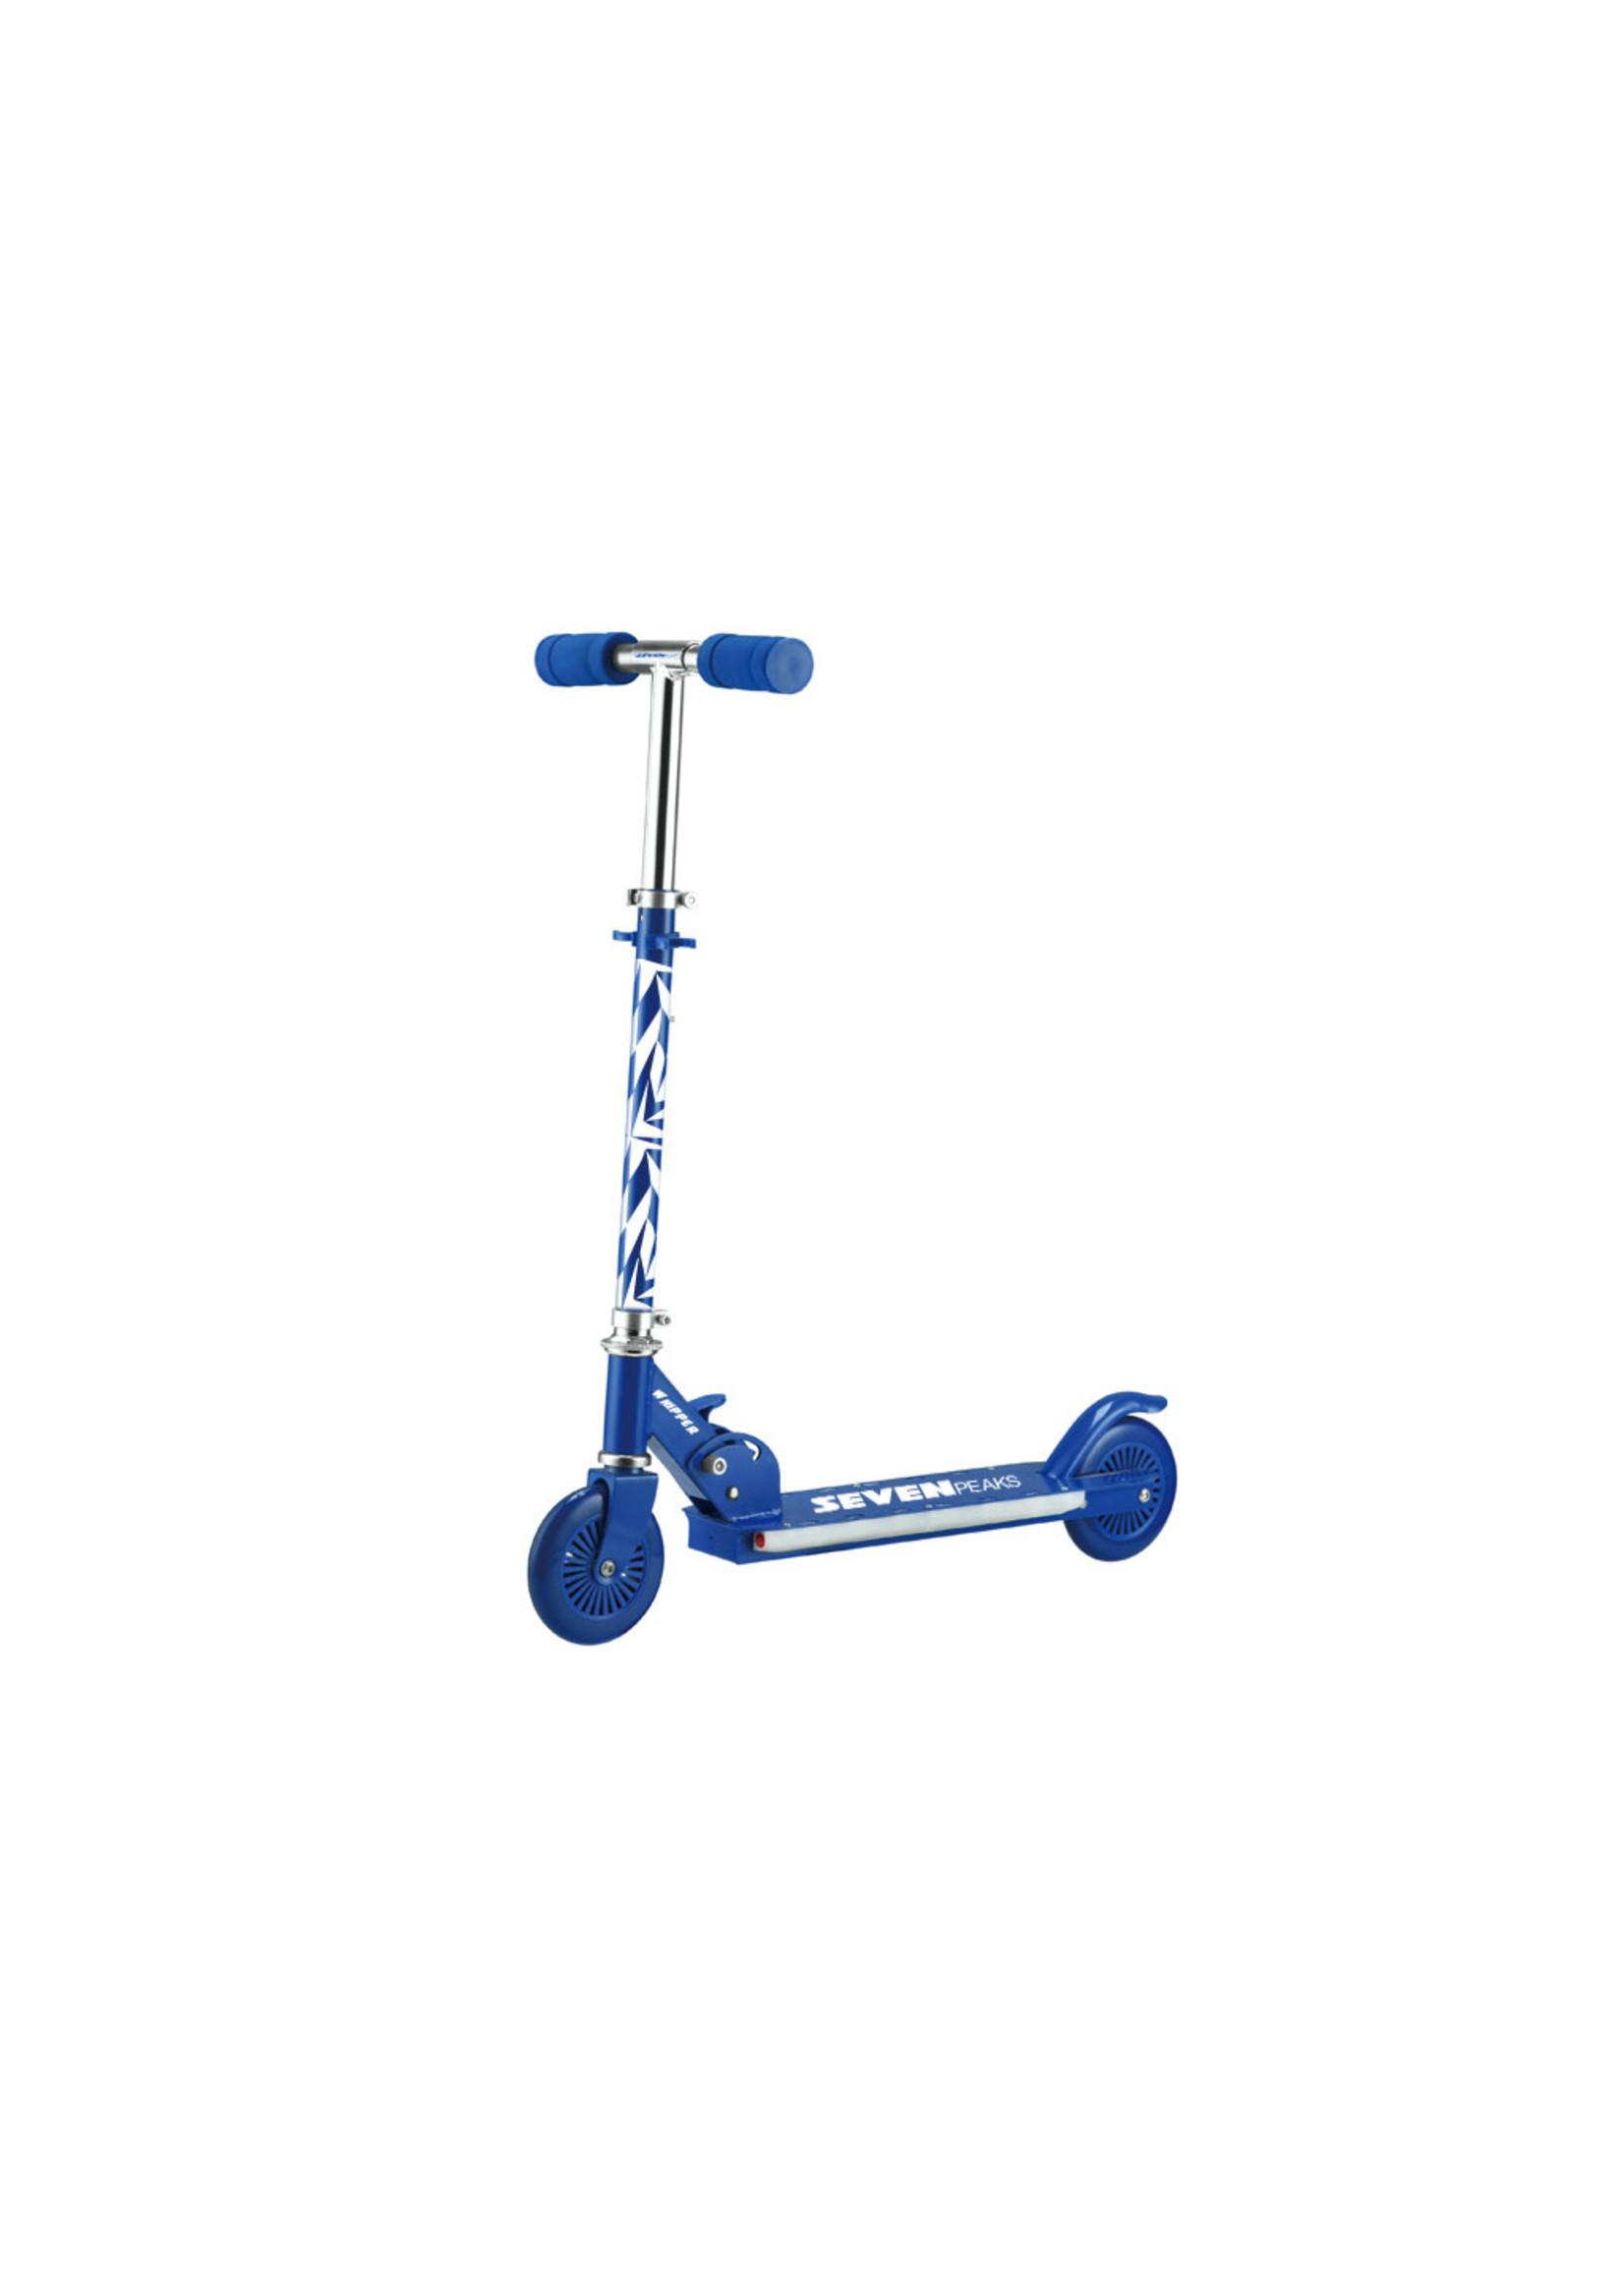 SEVEN PEAKS Trottinette Whiper Blue